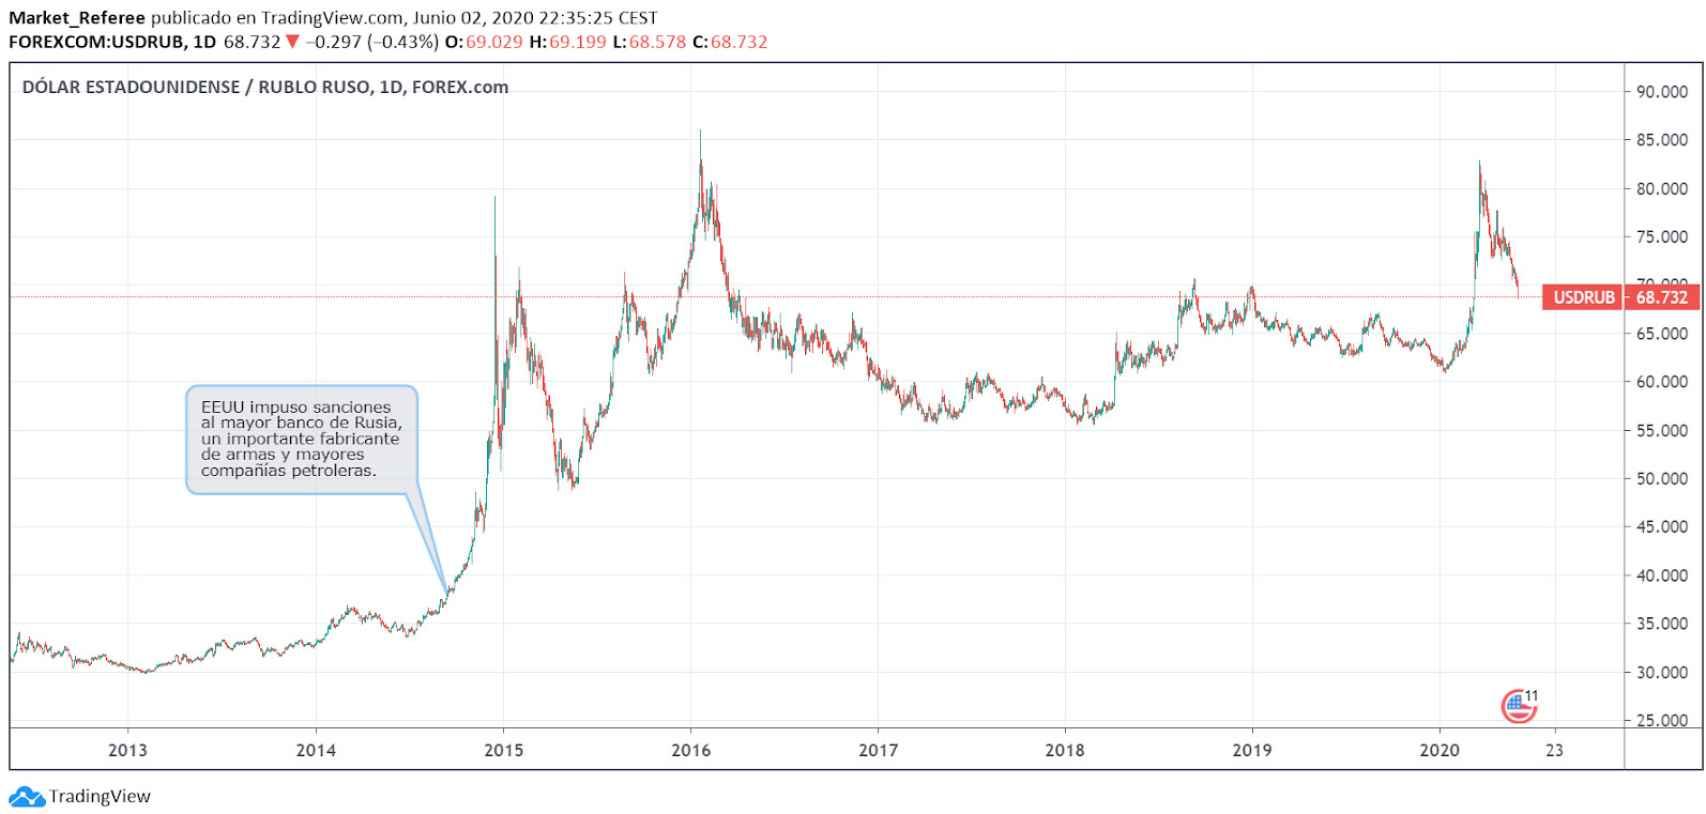 Evolución del par de divisas dólar/rublo.